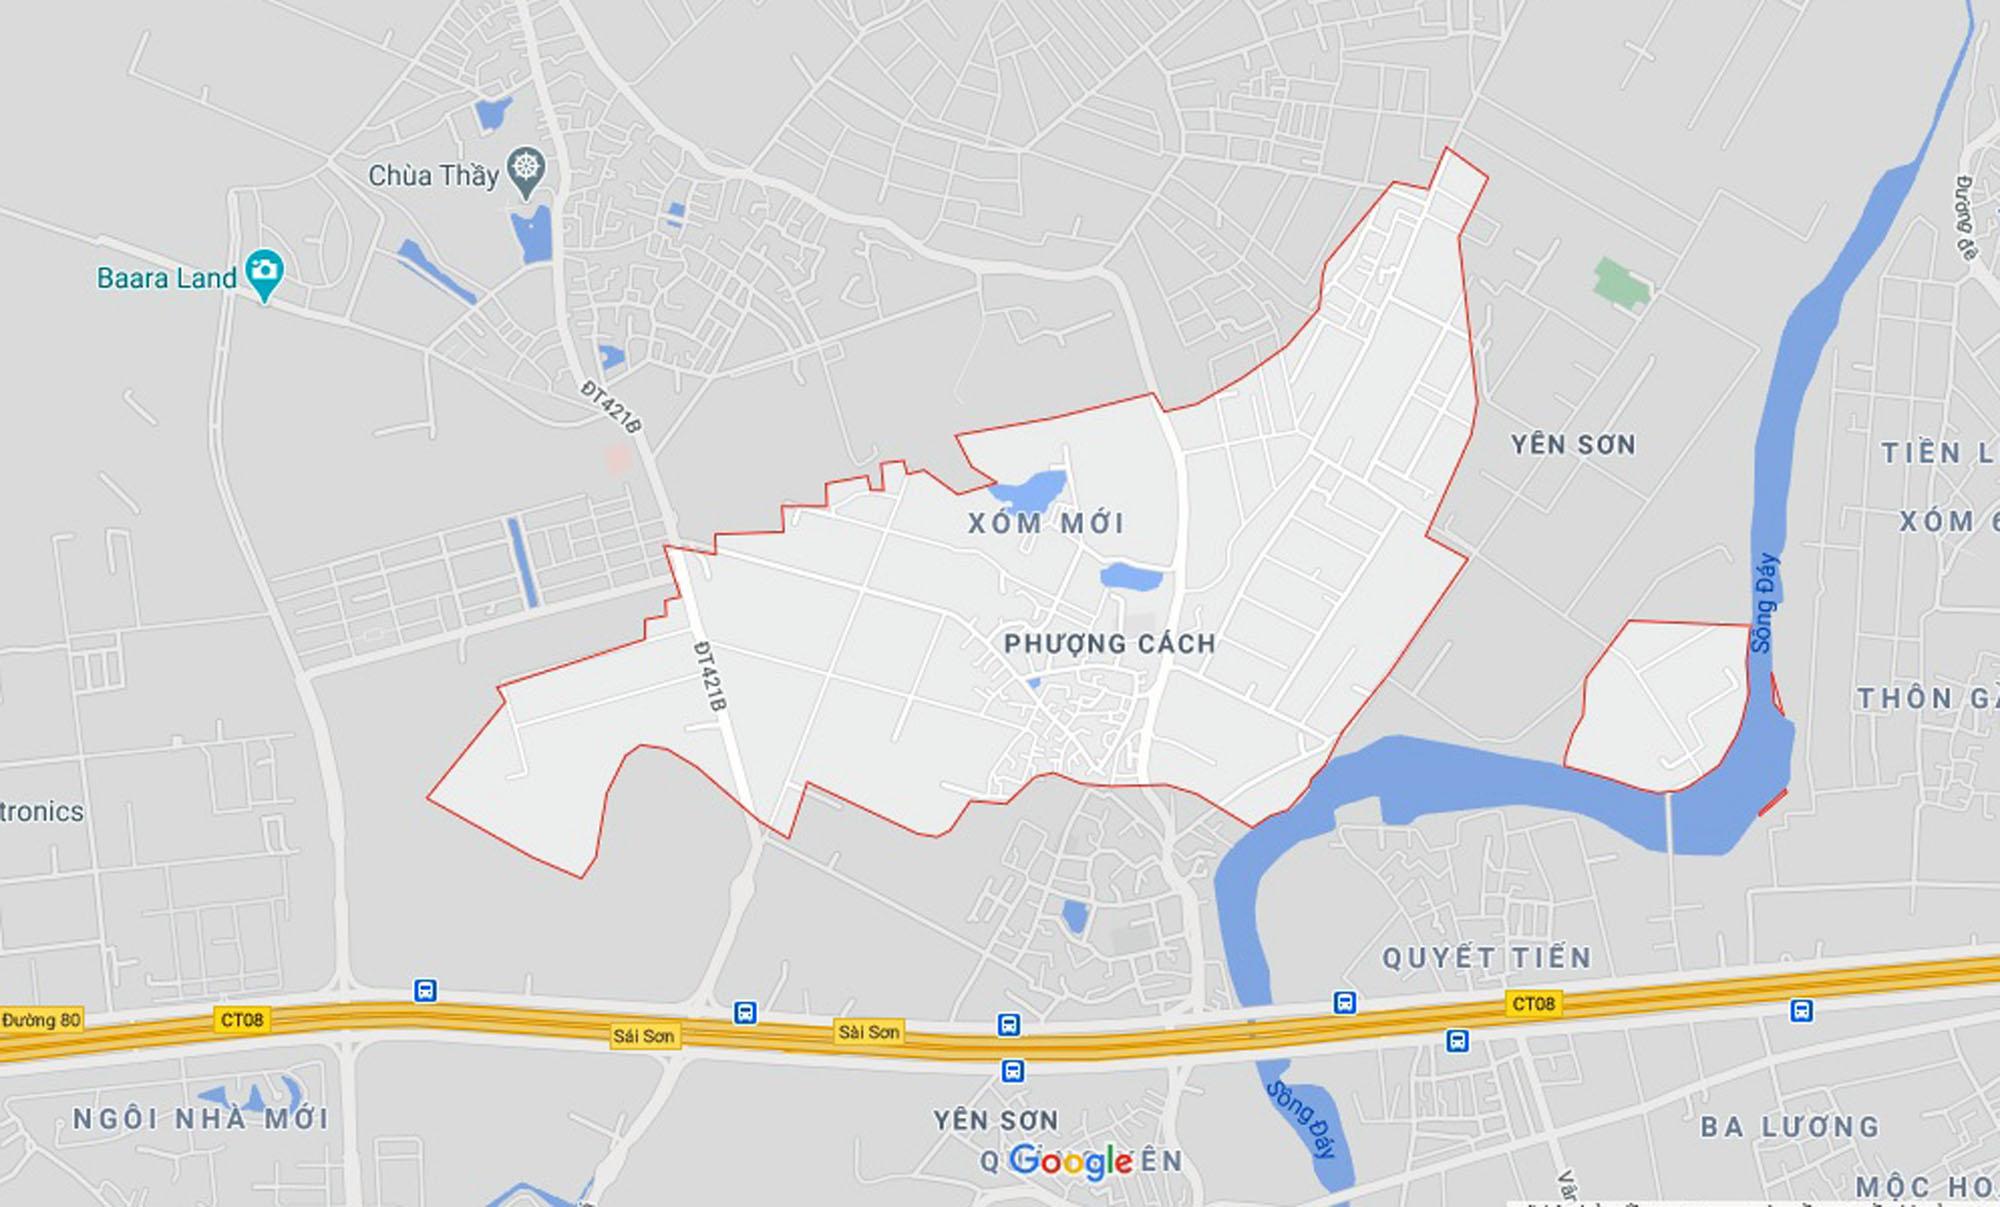 Ba đường sẽ mở theo qui hoạch ở xã Phượng Cách, Quốc Oai, Hà Nội - Ảnh 1.